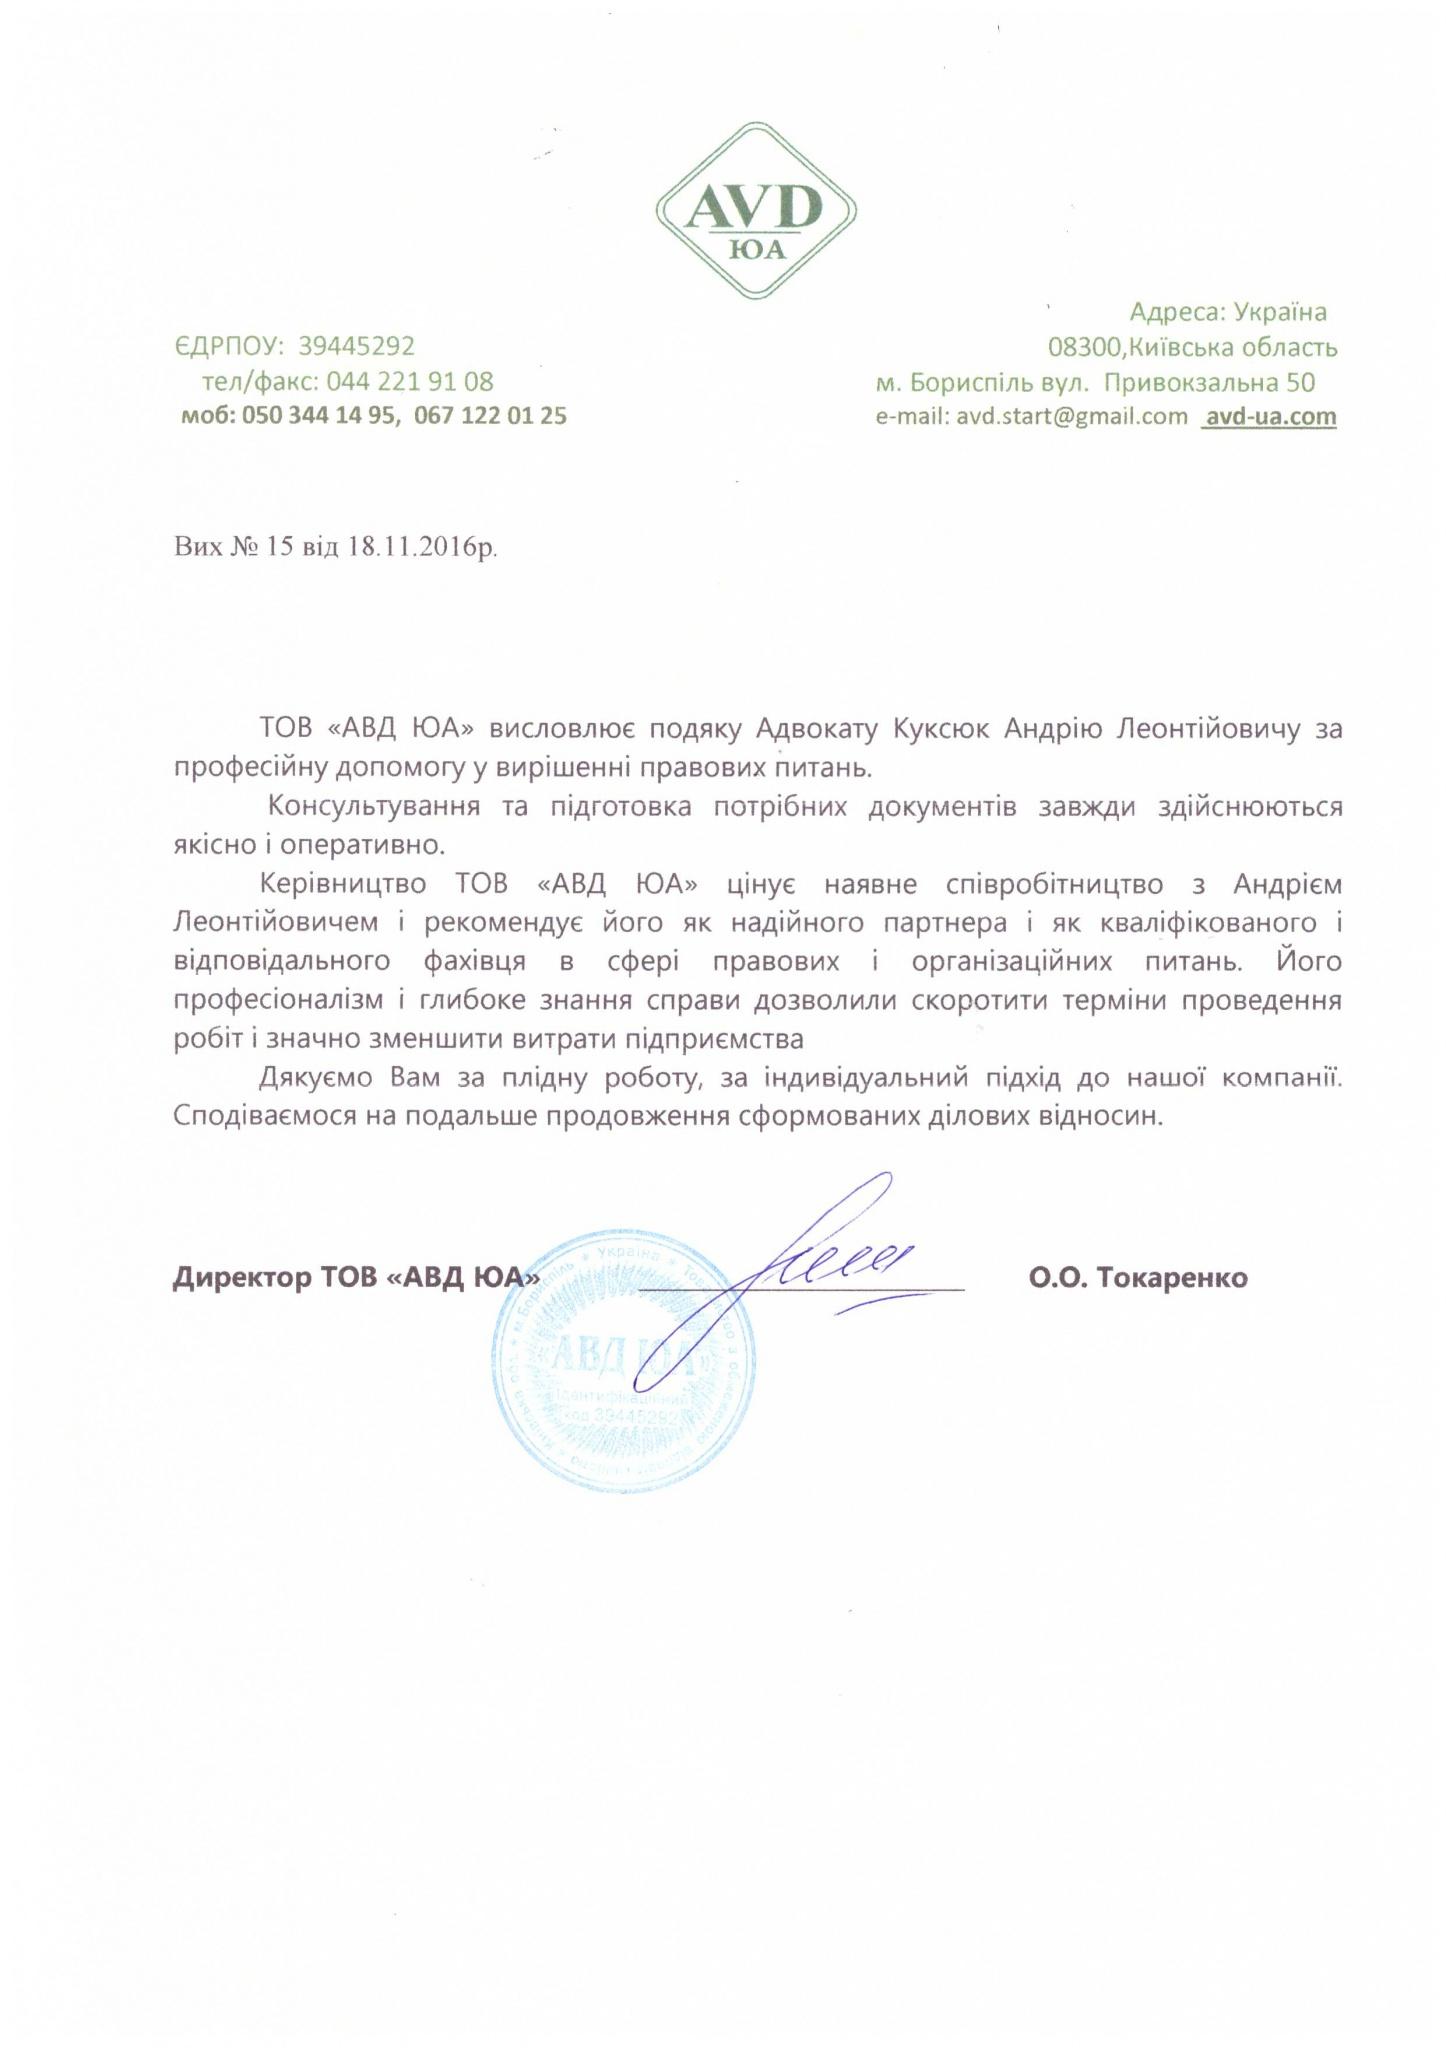 Рекомендательное письмо от Общества с ограниченной ответственностью «АВД ЮА»